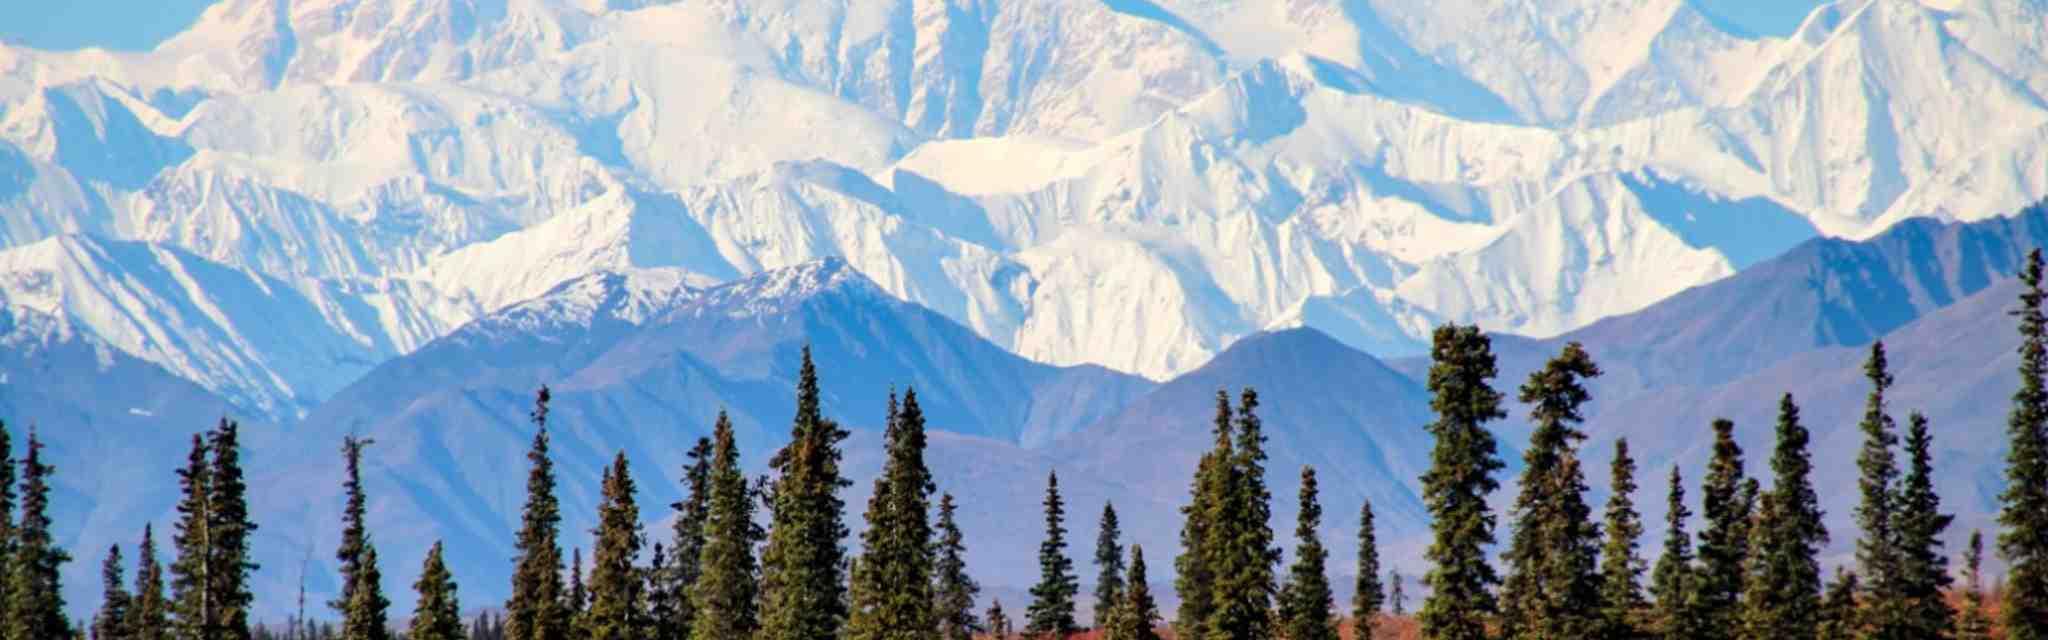 7 Gunung Tertinggi Di Dunia Dengan Puncak Yang Menakjubkan